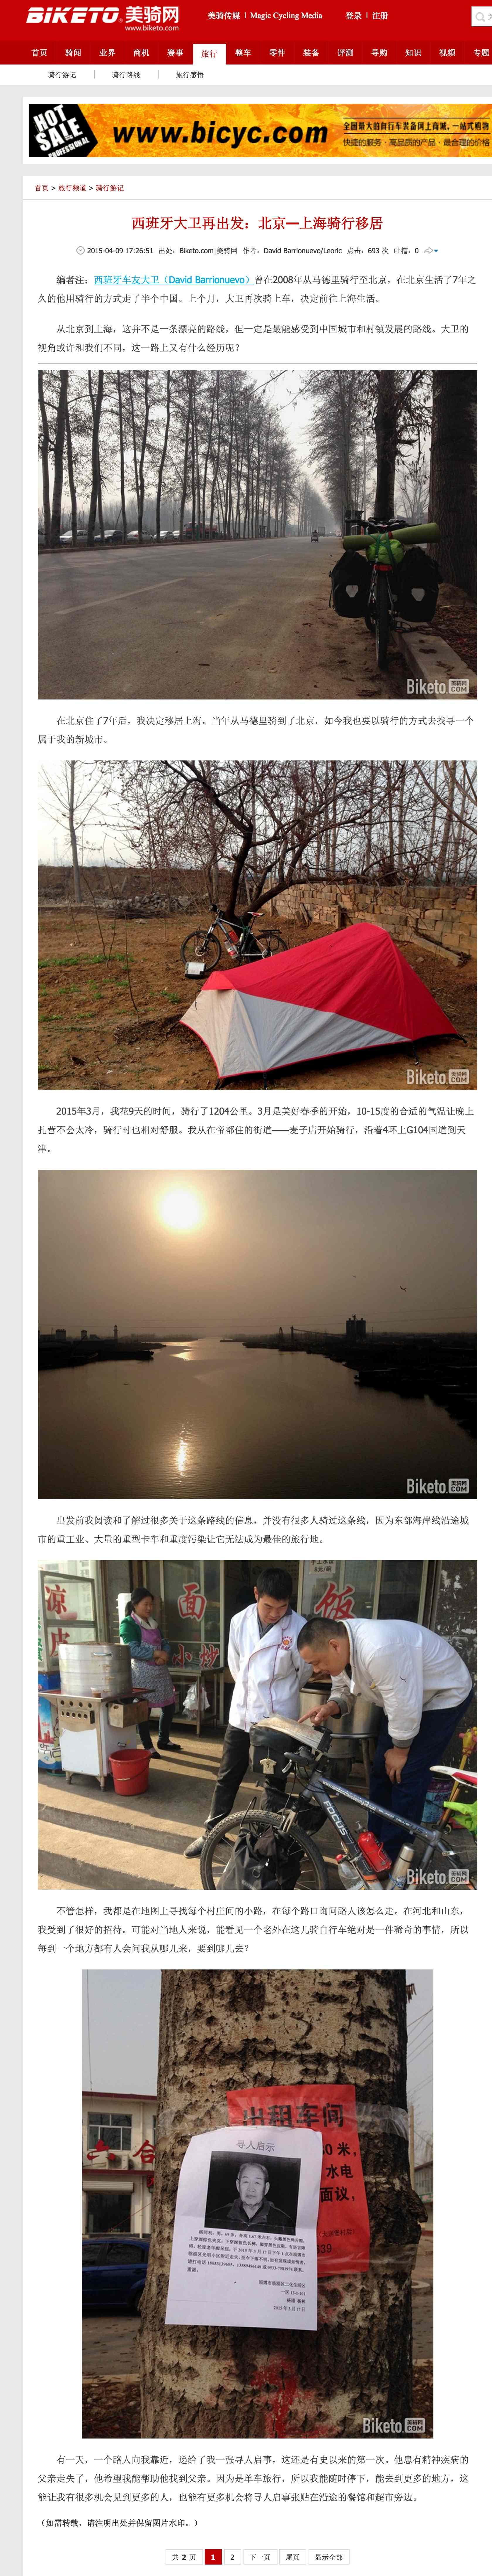 西班牙大卫再出发:北京—上海骑行移居   BIKETO自行车网